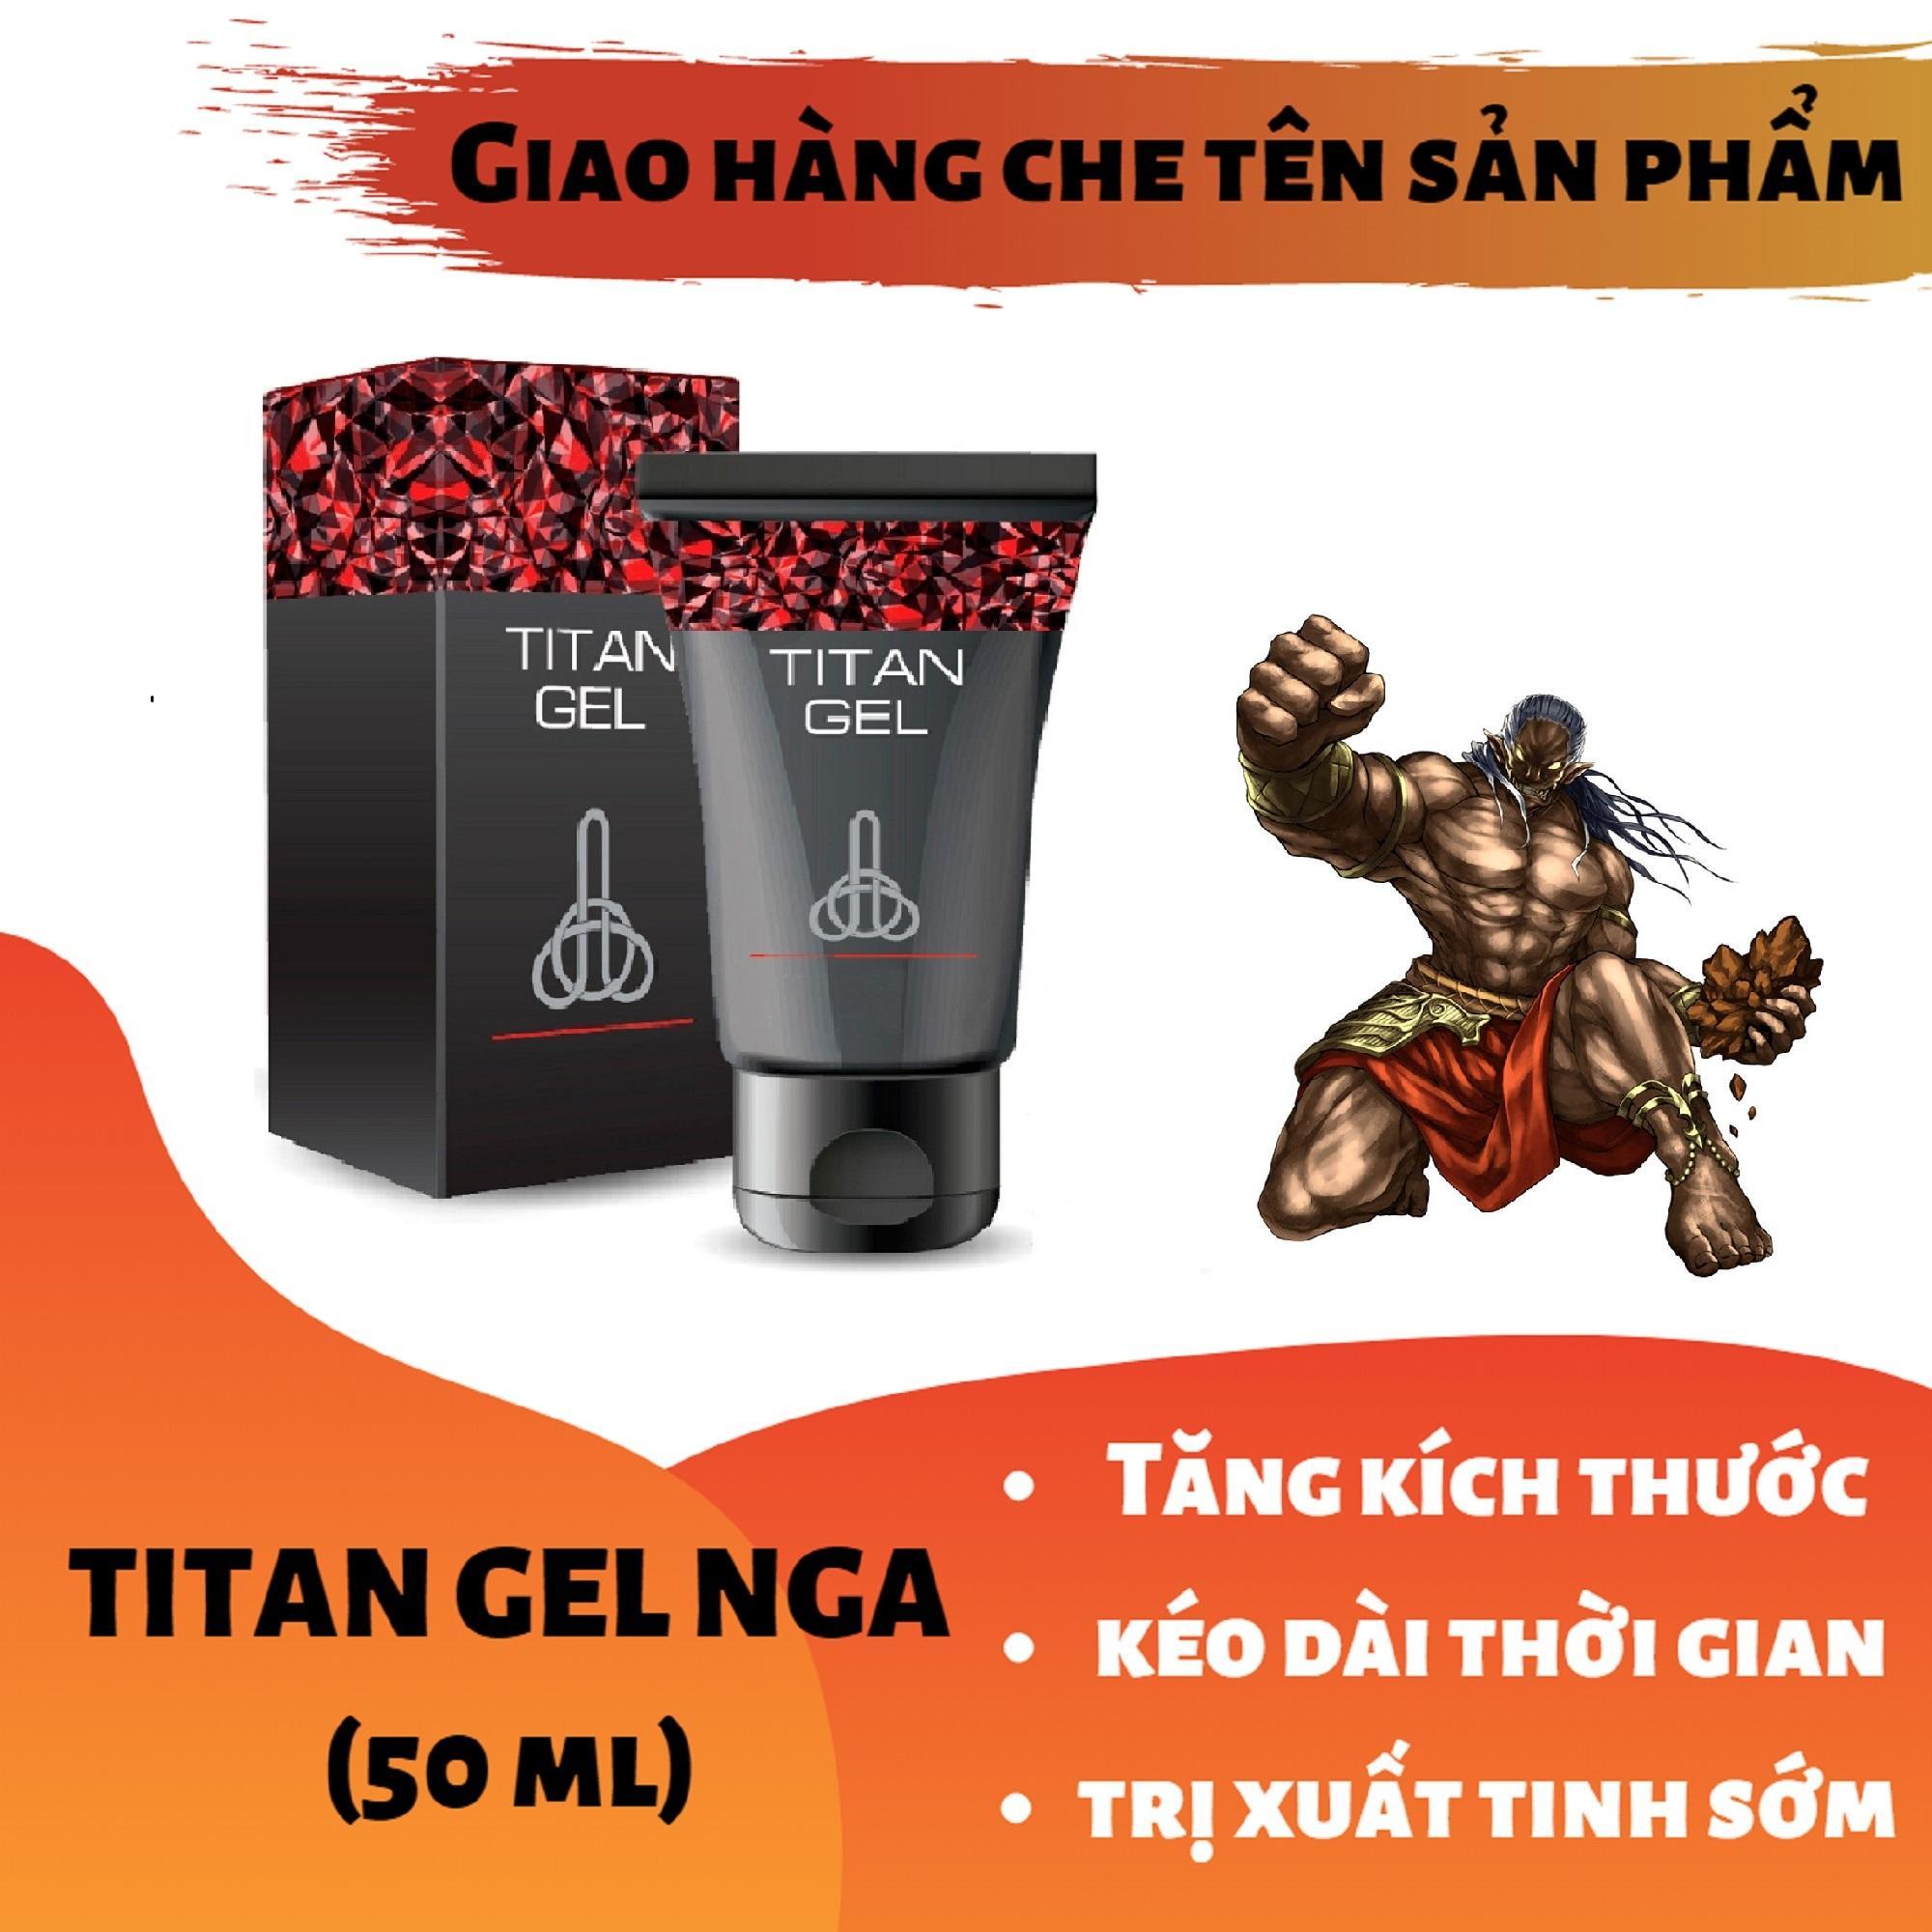 Titan-Gel-Nga - Gel dành cho nam - hàng chuẩn Nga tăng kích thước cho cậu bé ( Che tên khi nhận hàng ) chính hãng